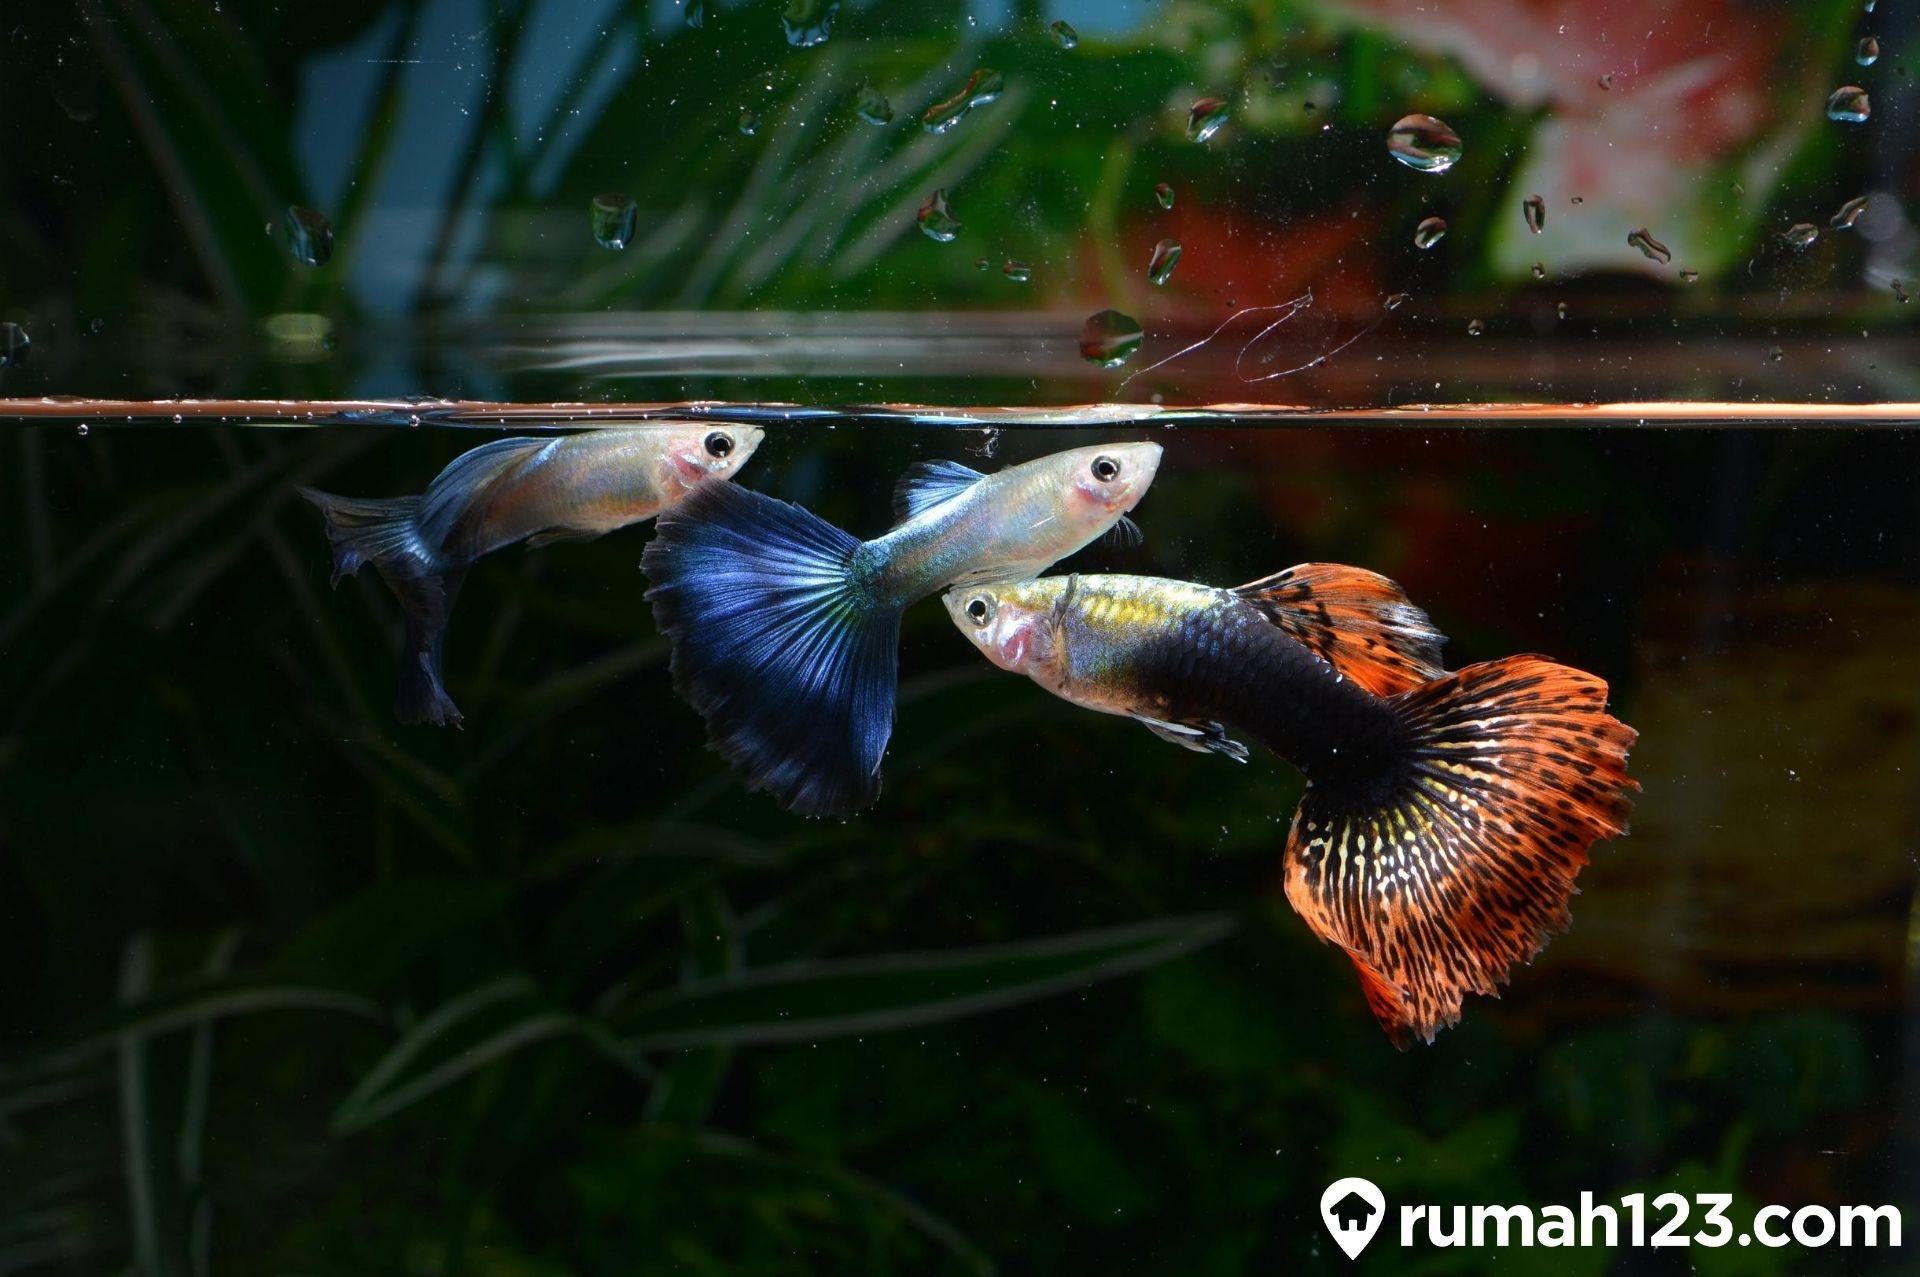 Ingin Memelihara Ikan Guppy Perhatikan Dulu Aturan Ini Rumah123 Com